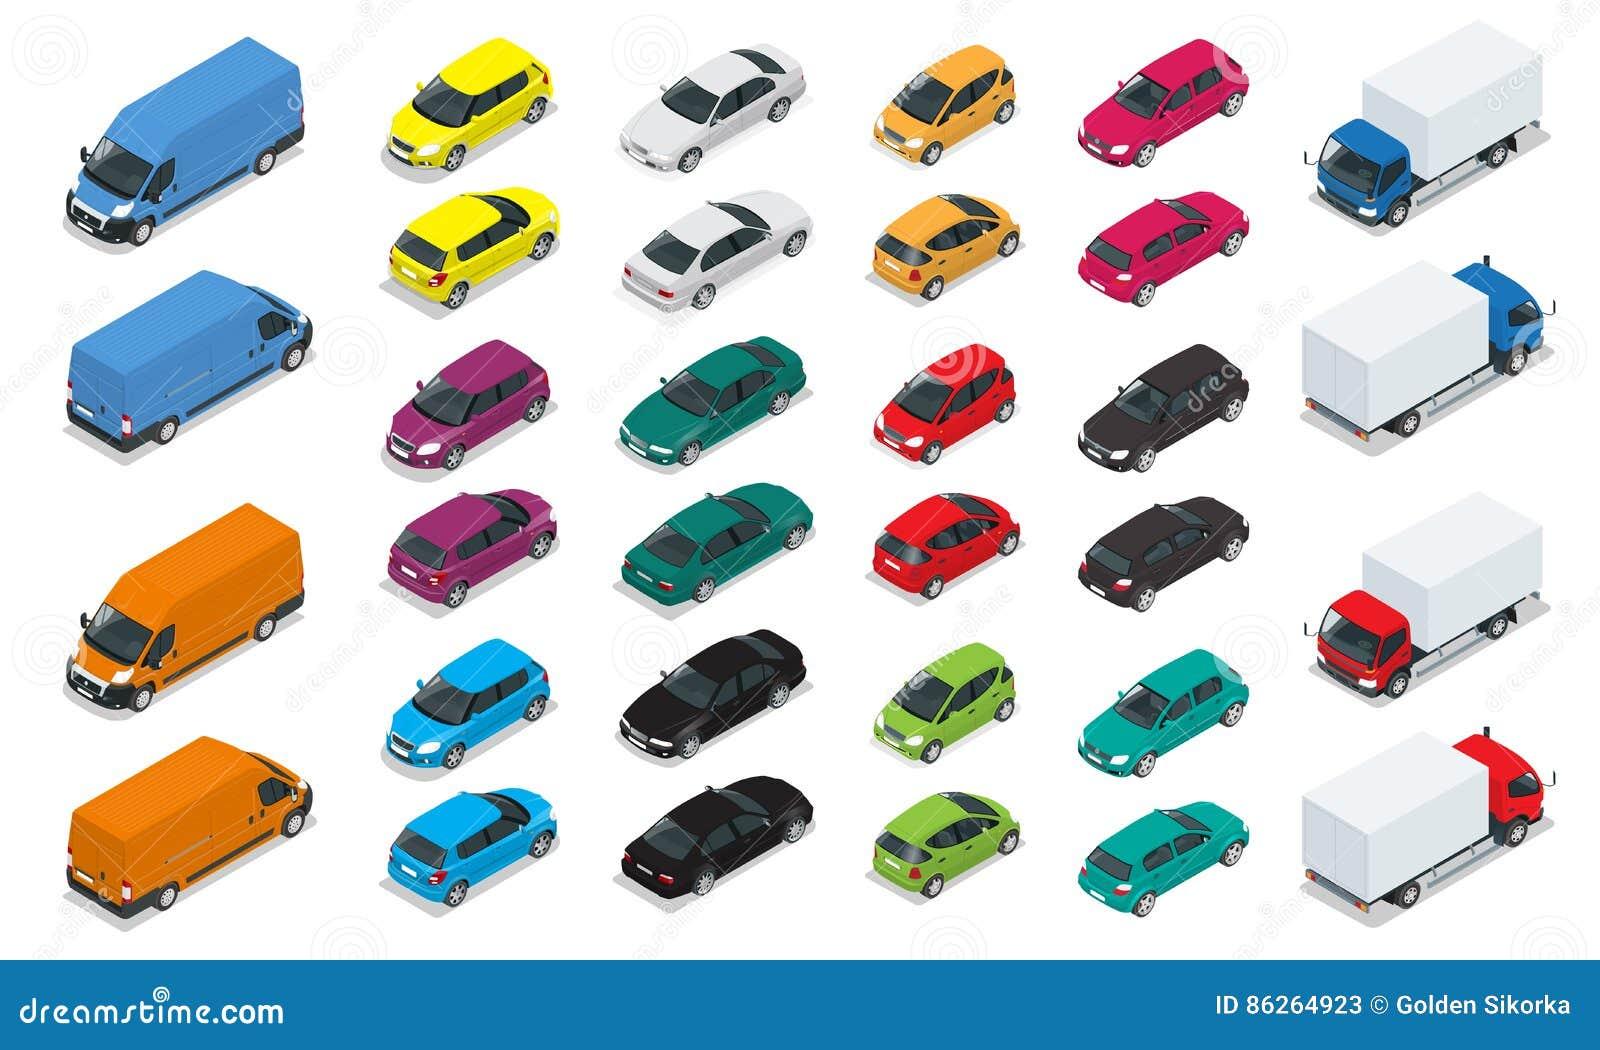 Iconos del coche Transporte de alta calidad isométrico plano de la ciudad 3d Sedán, furgoneta, camión del cargo, ventana trasera